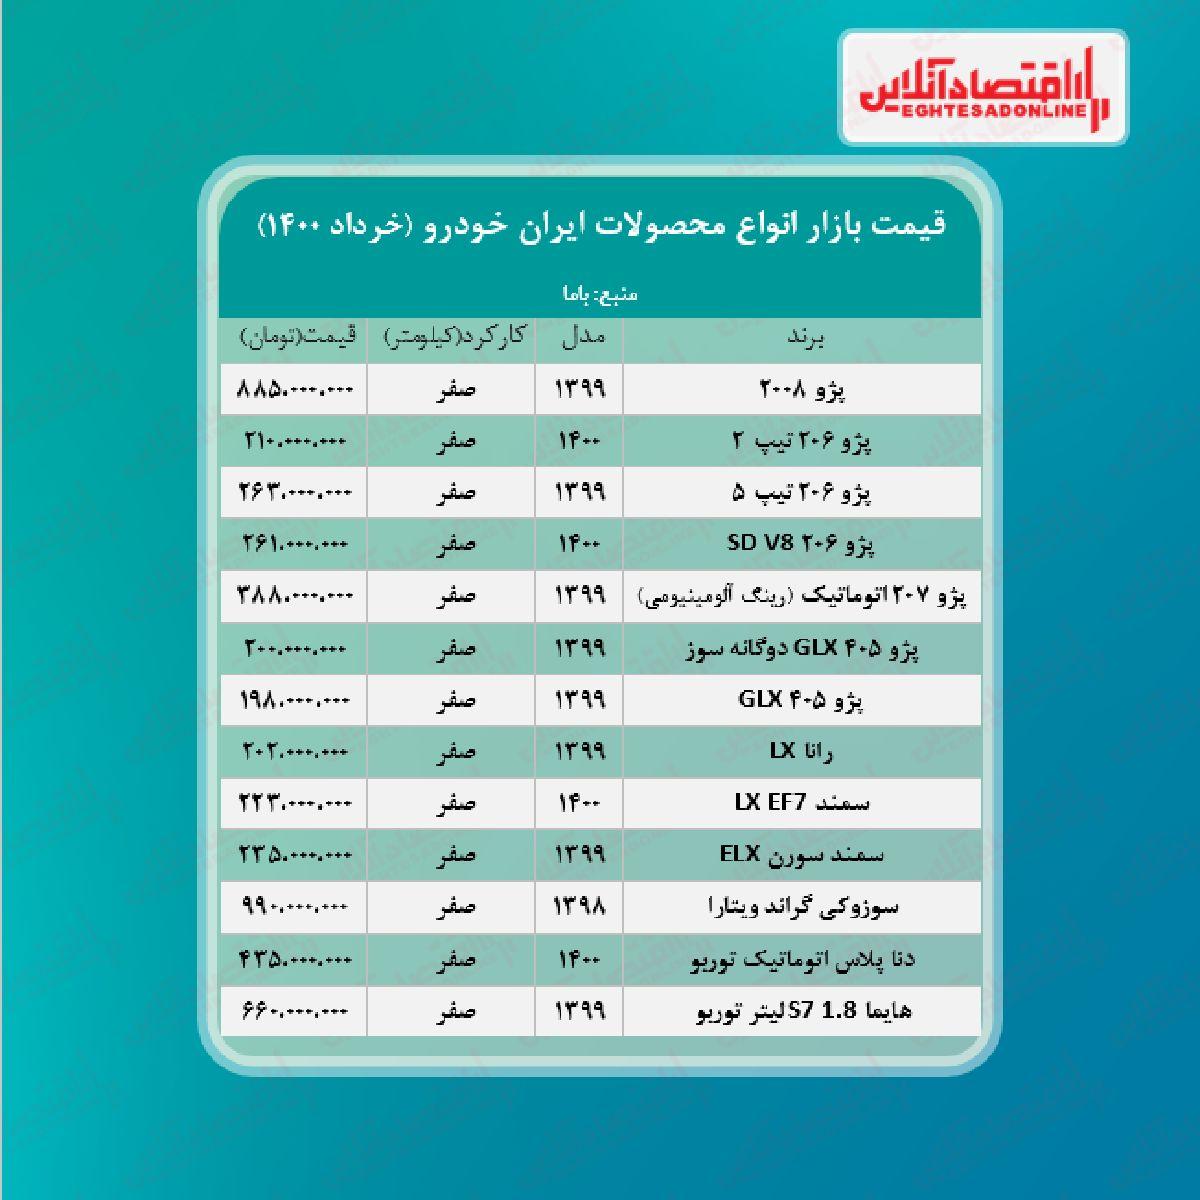 قیمت محصولات ایران خودرو امروز ۱۴۰۰/۳/۲۱